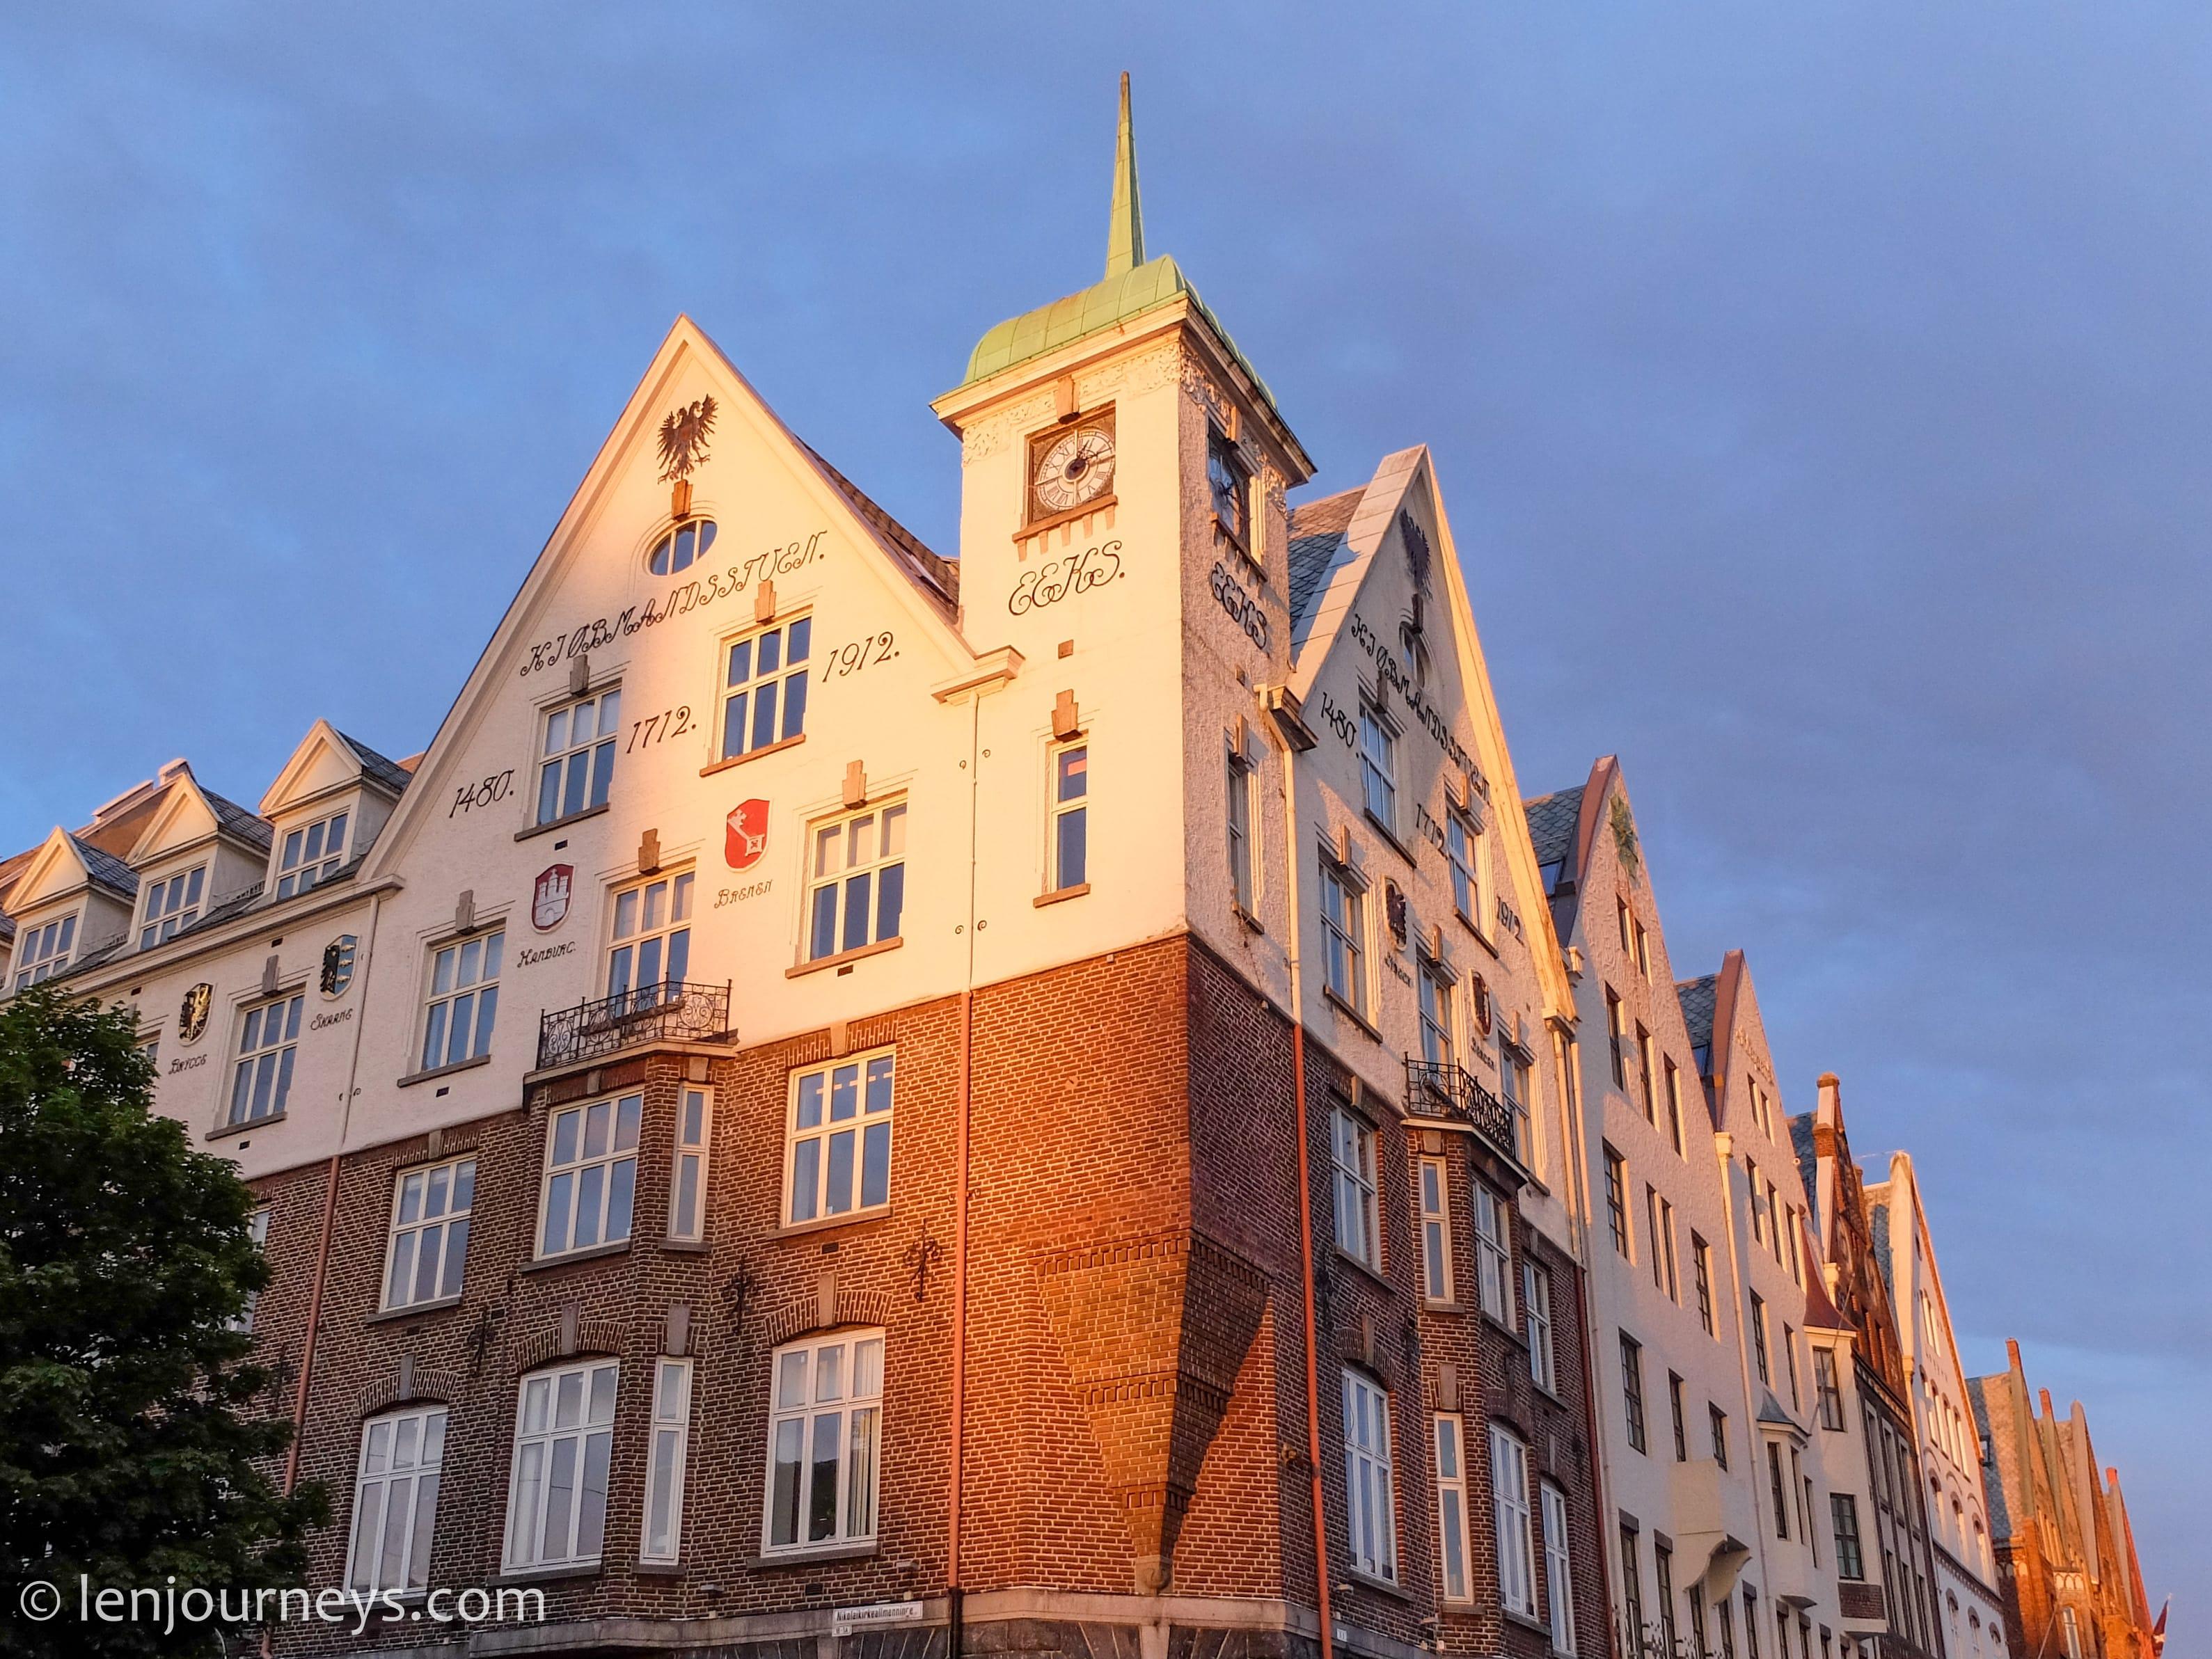 Historic building in Bryggen, Norway